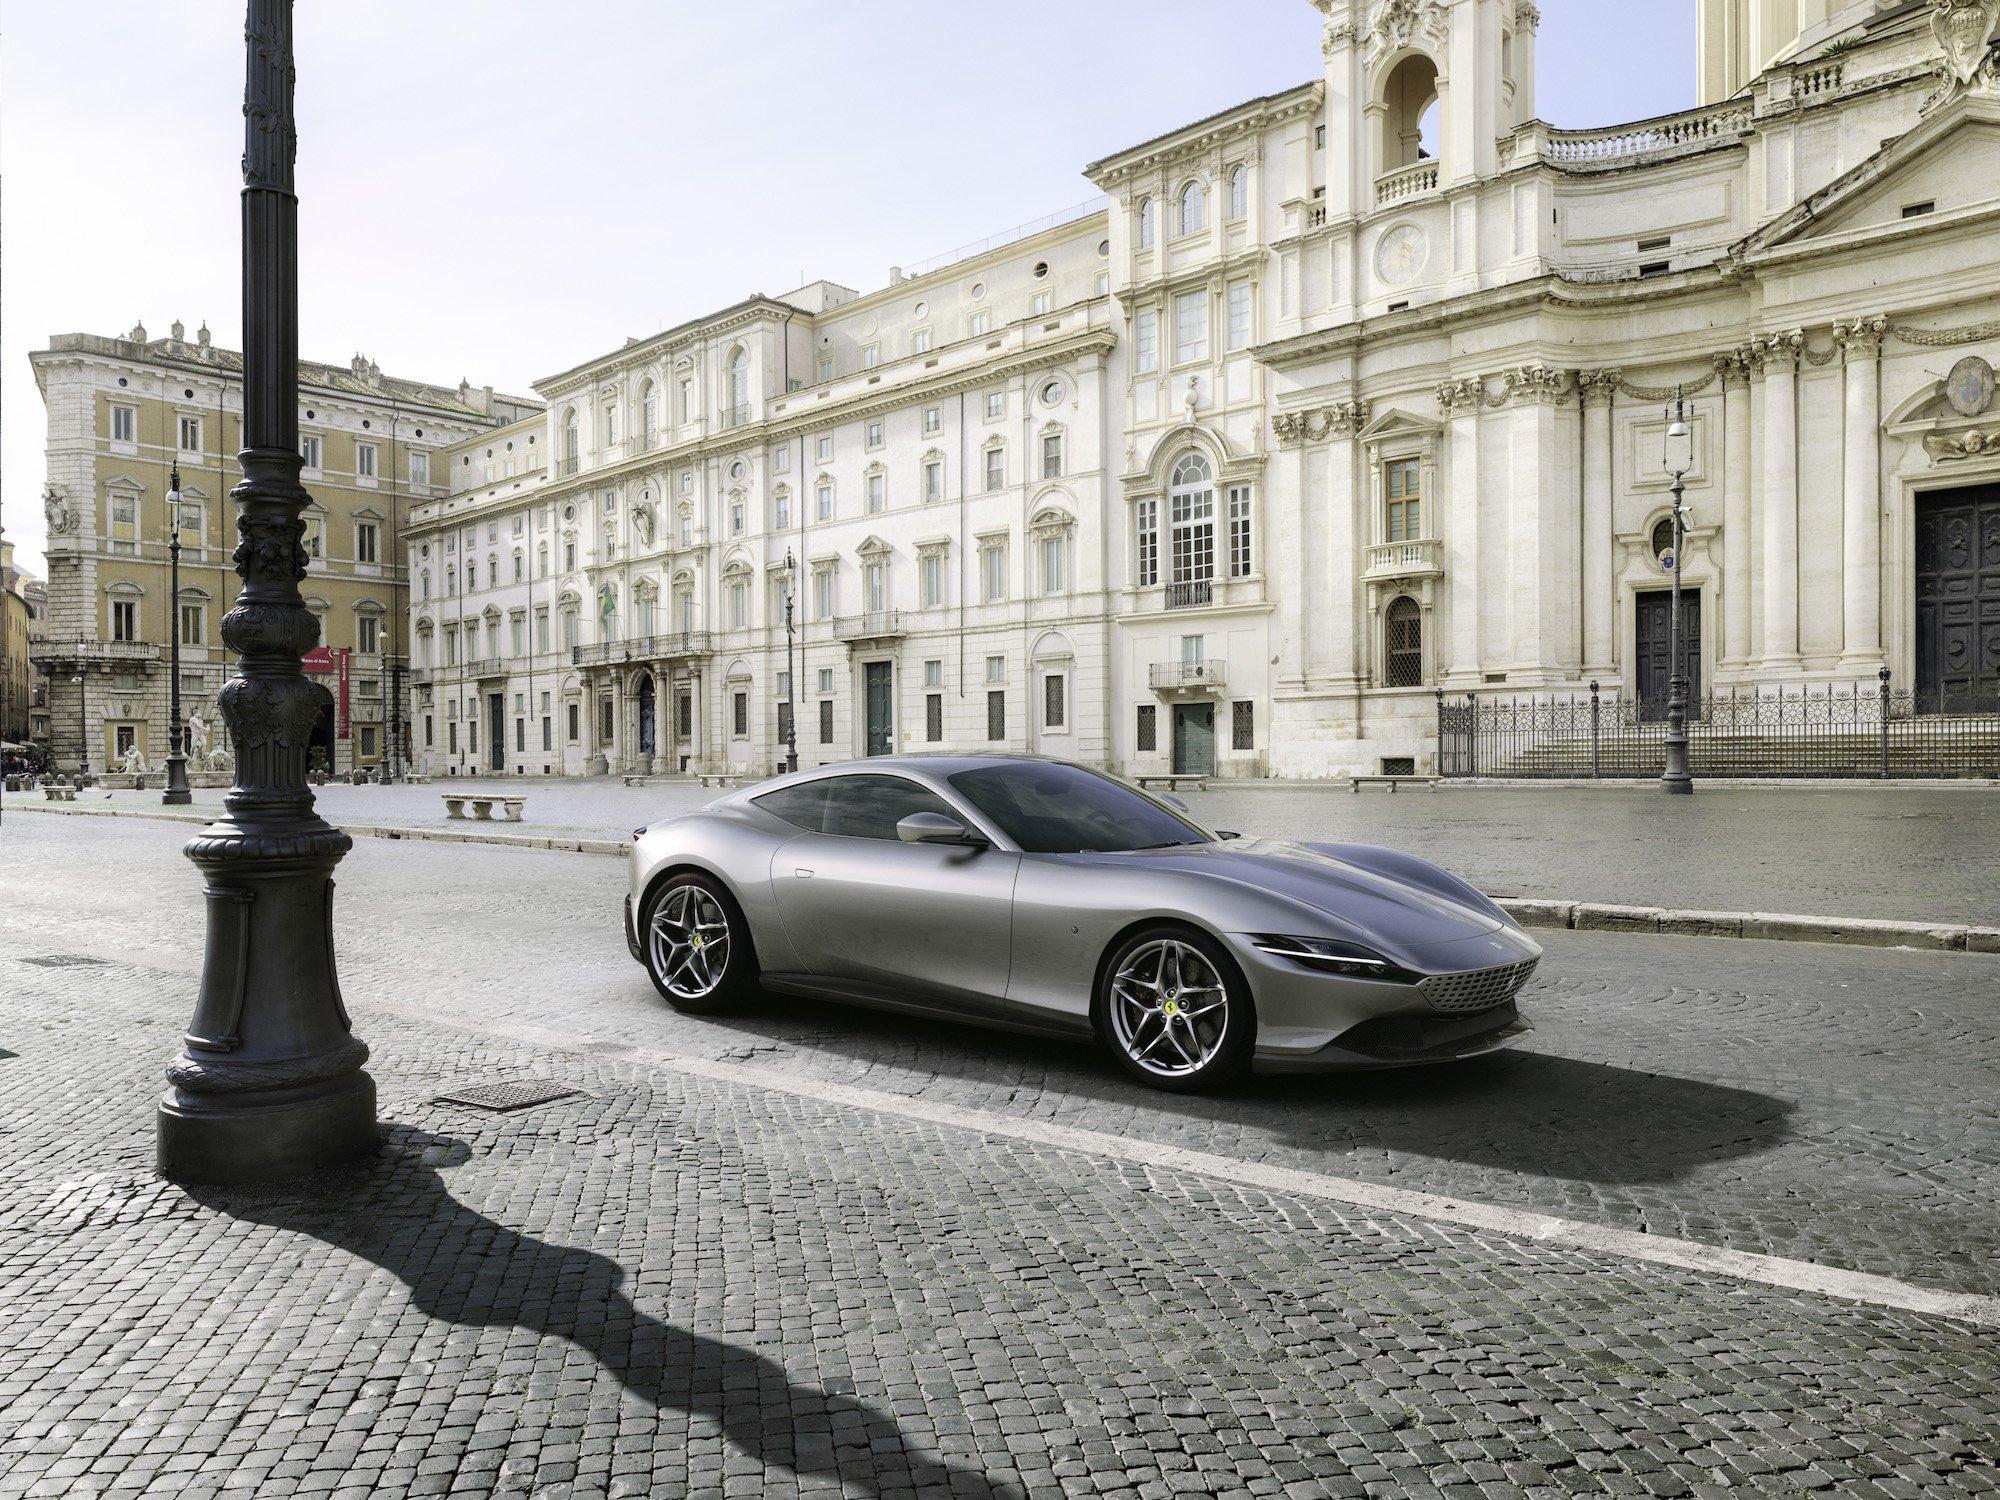 la ferrari ha appena presentato il suo nuovo coupe roma ed e uno storditore gara 1 - La Ferrari ha appena presentato il suo nuovo coupé Roma